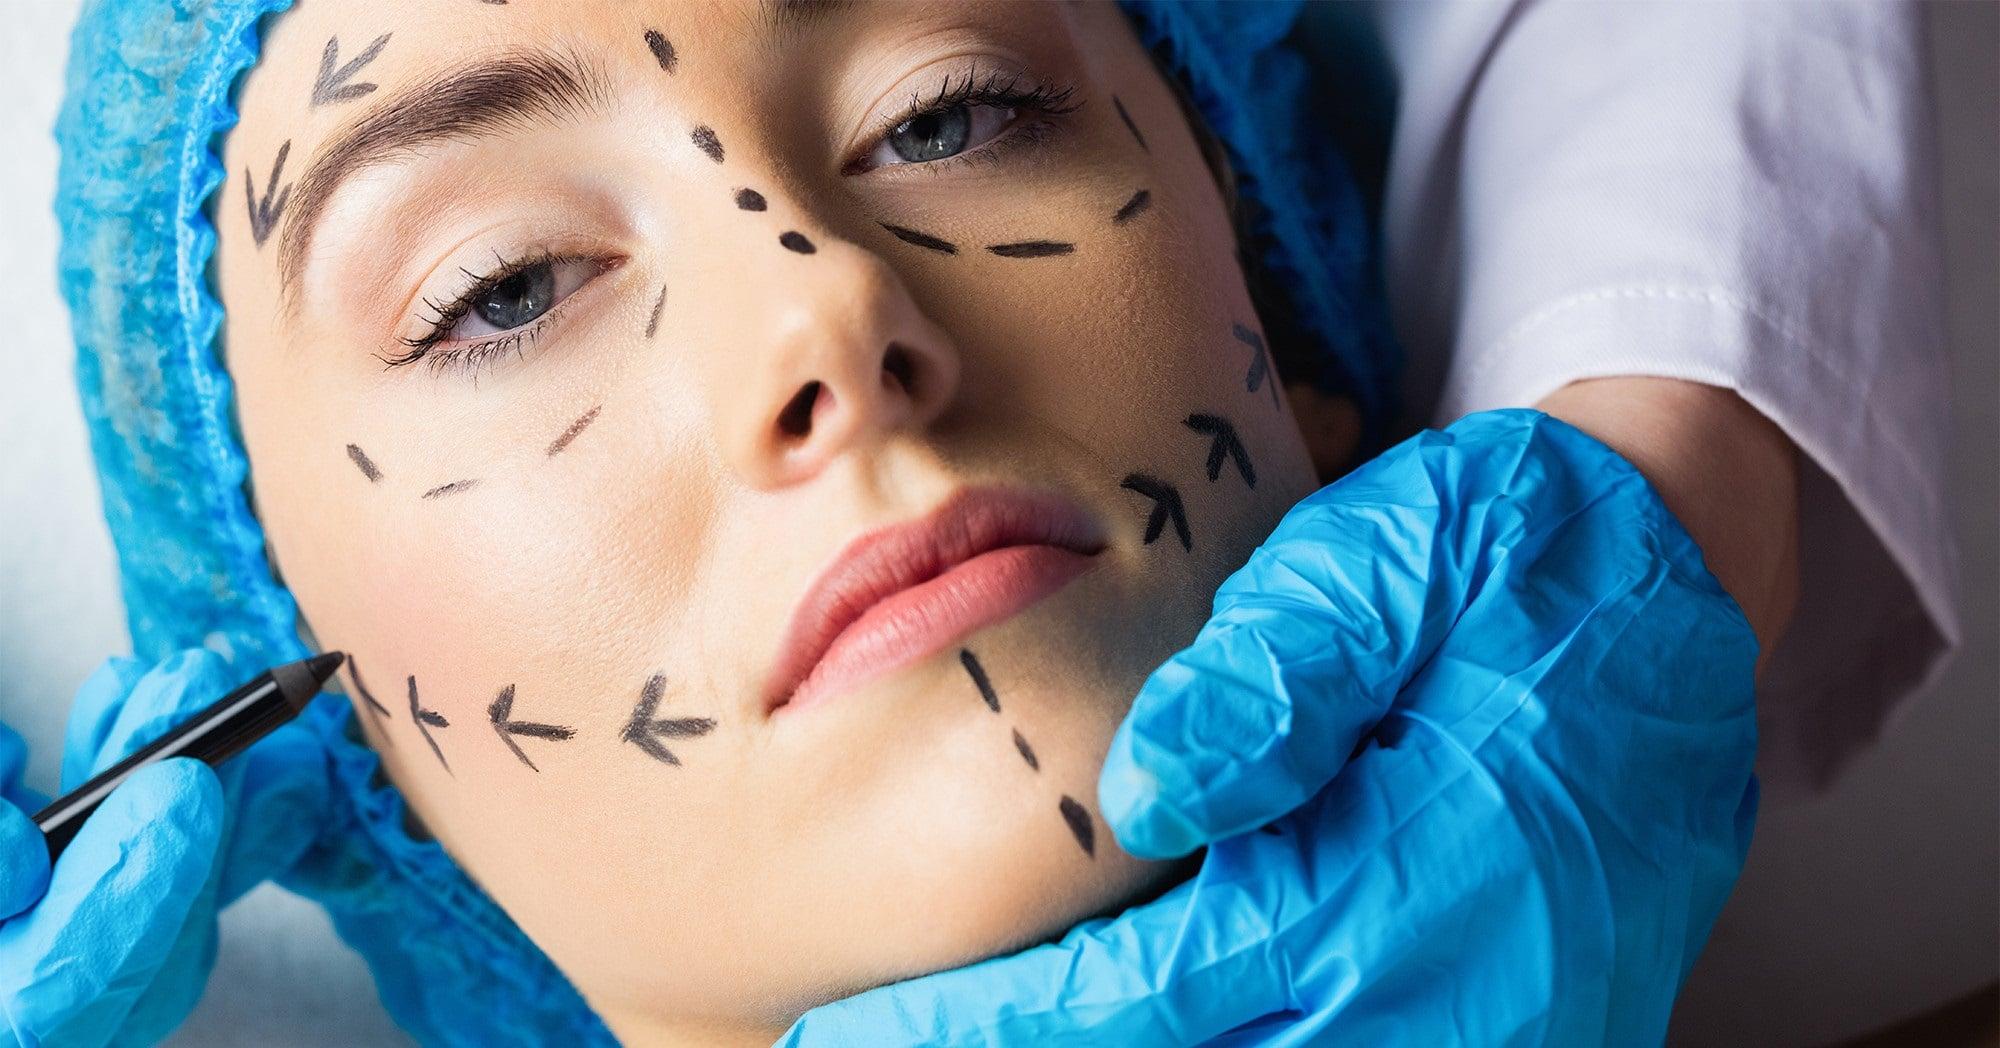 کدام کشورها بیشترین جراحی زیبایی را داشتهاند و کدام جراحی محبوبتر بوده است؟